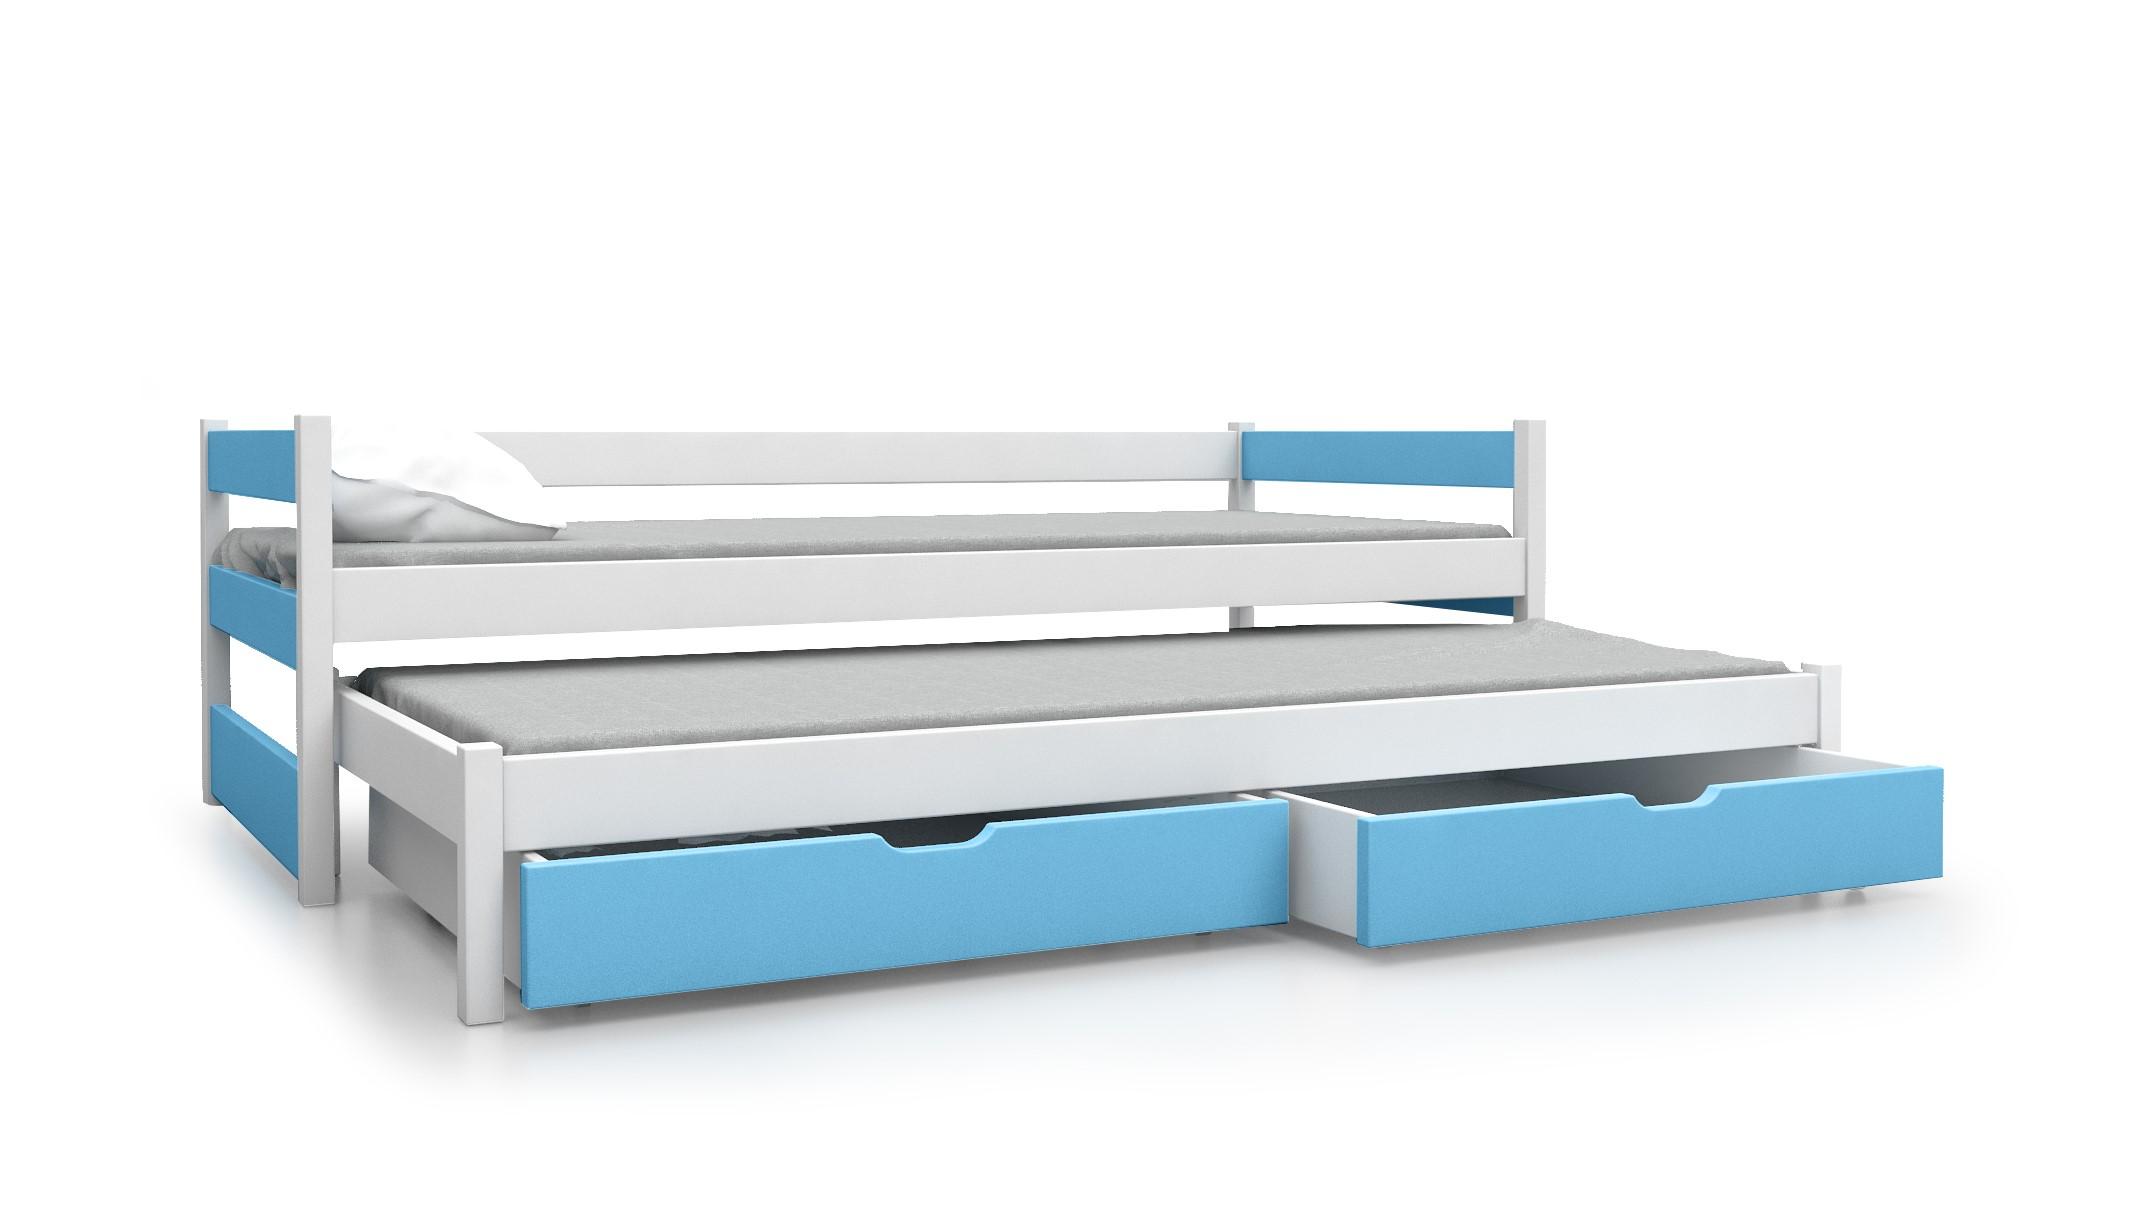 Podwójne łóżko Młodzieżowe Tanio Materac Gratis